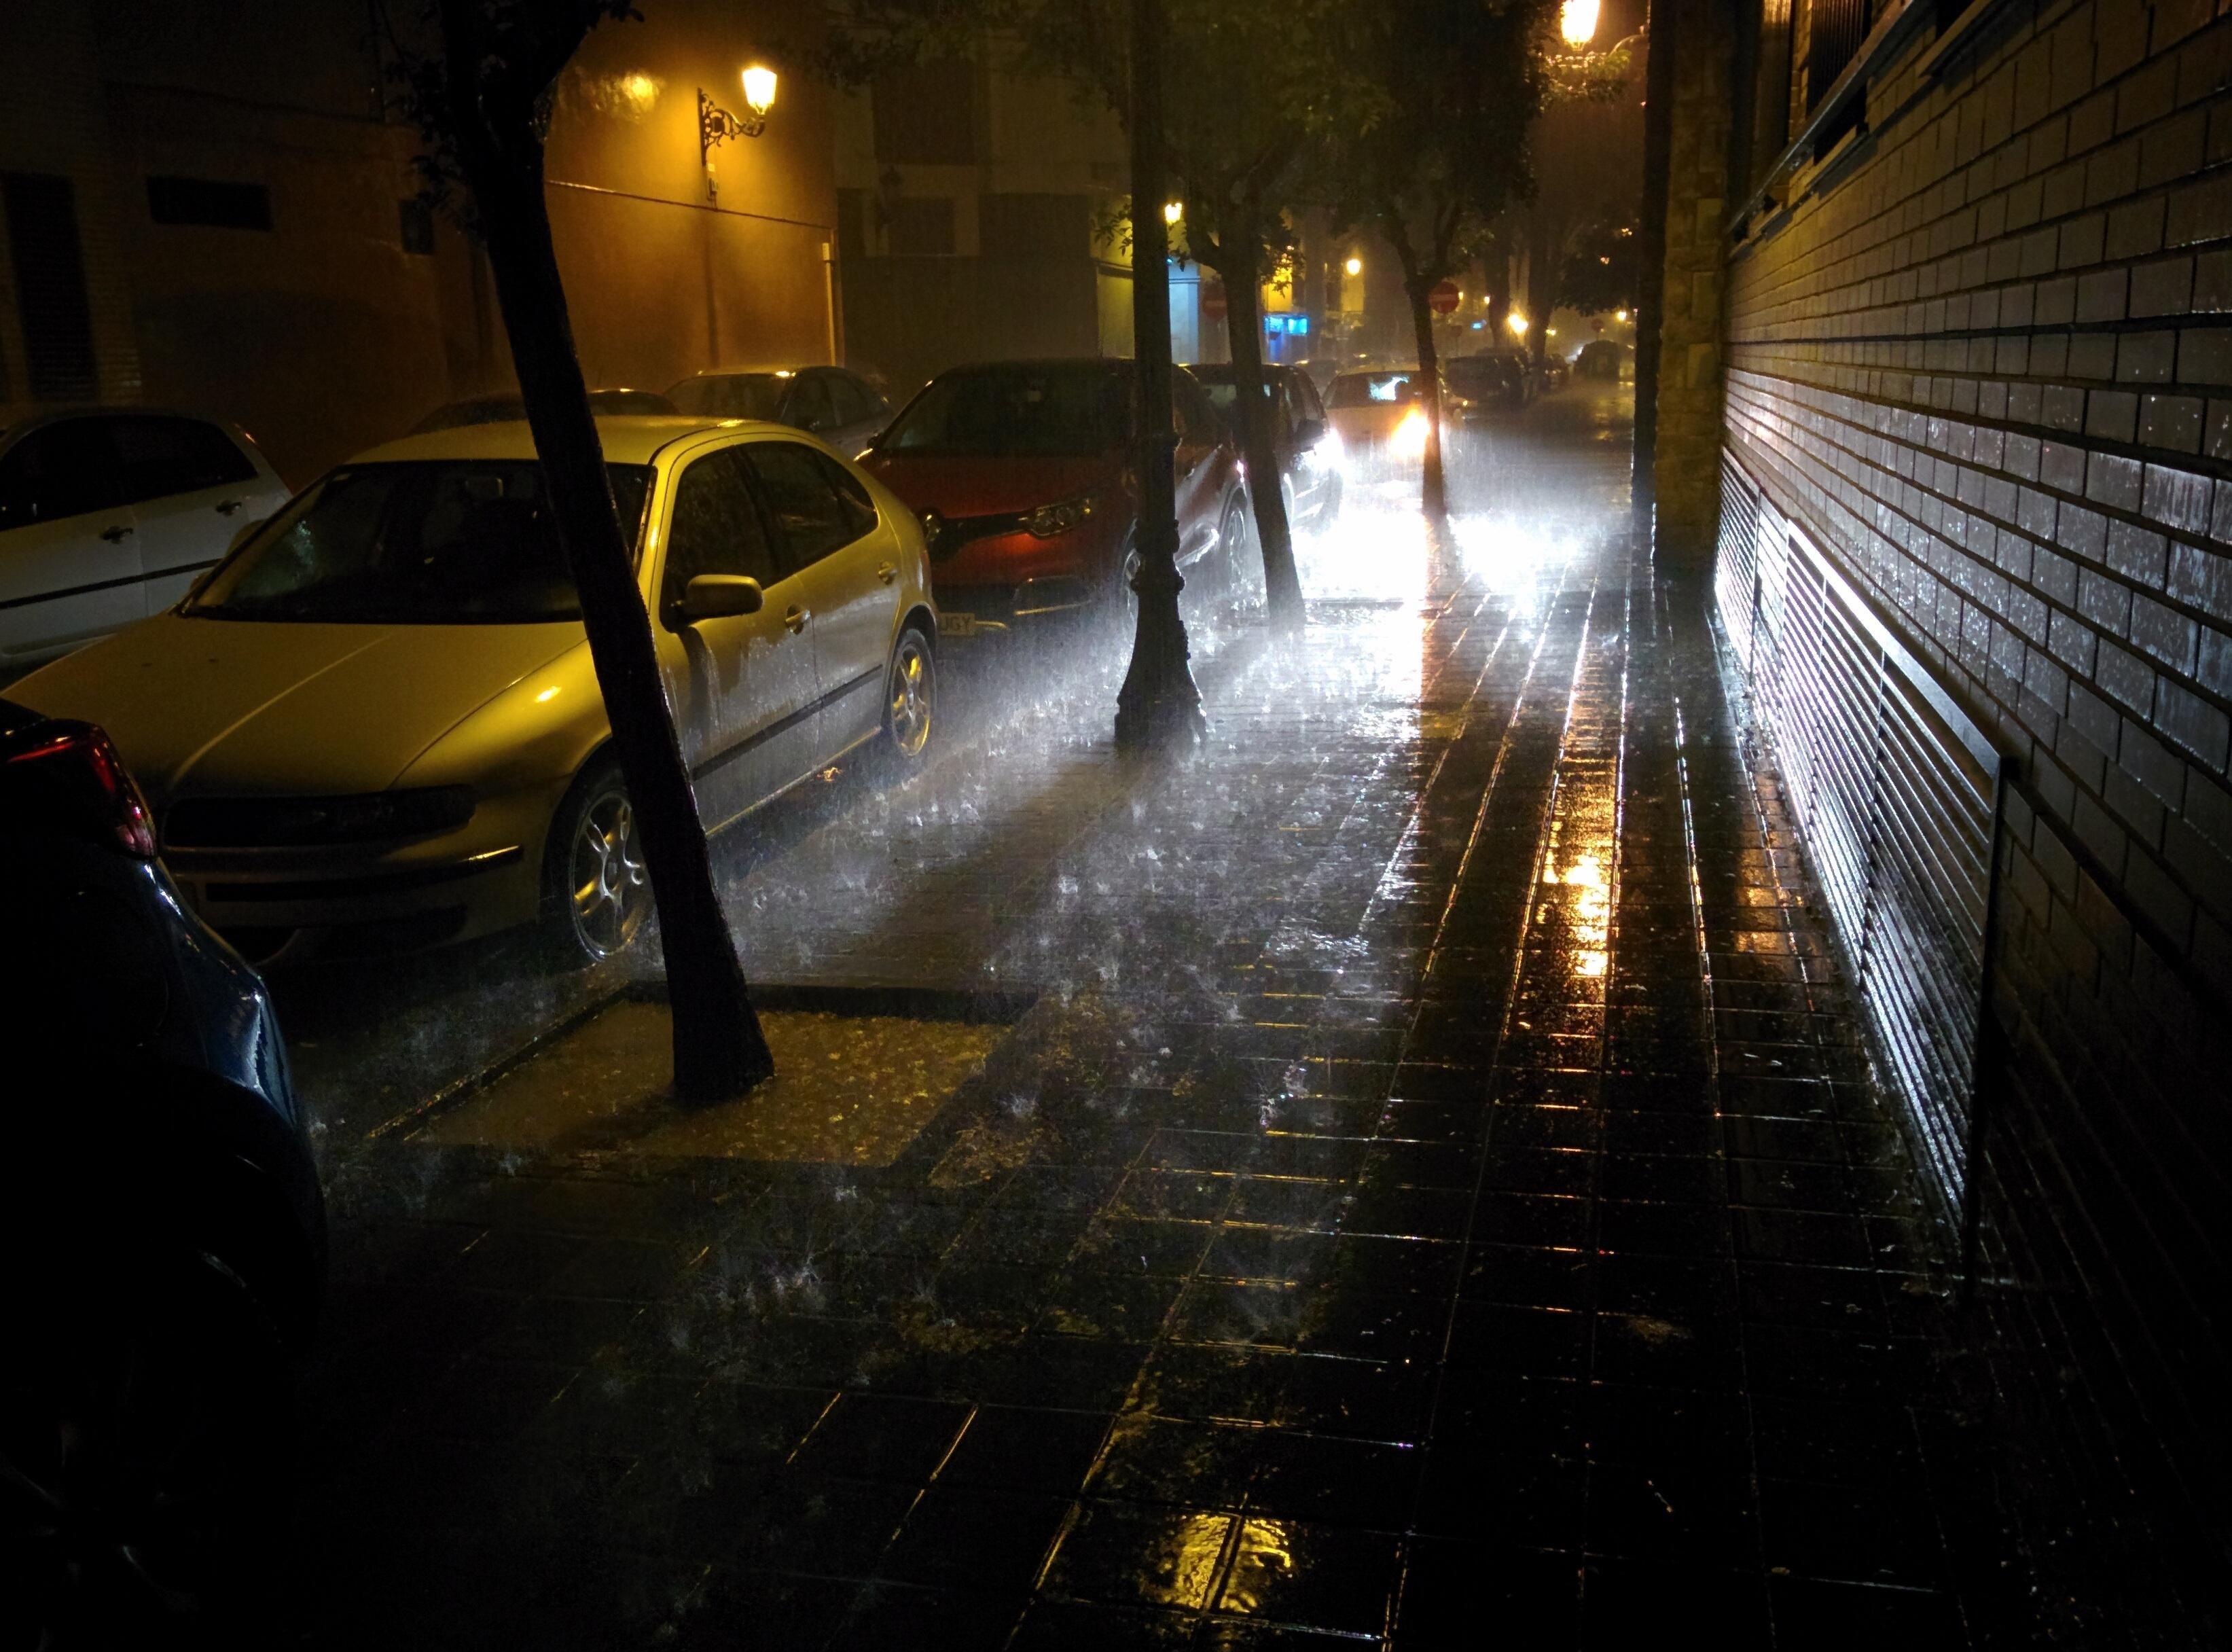 Qərb bölgəsində leysan yağış nəqliyyatın hərəkətini məhdudlaşdırıb